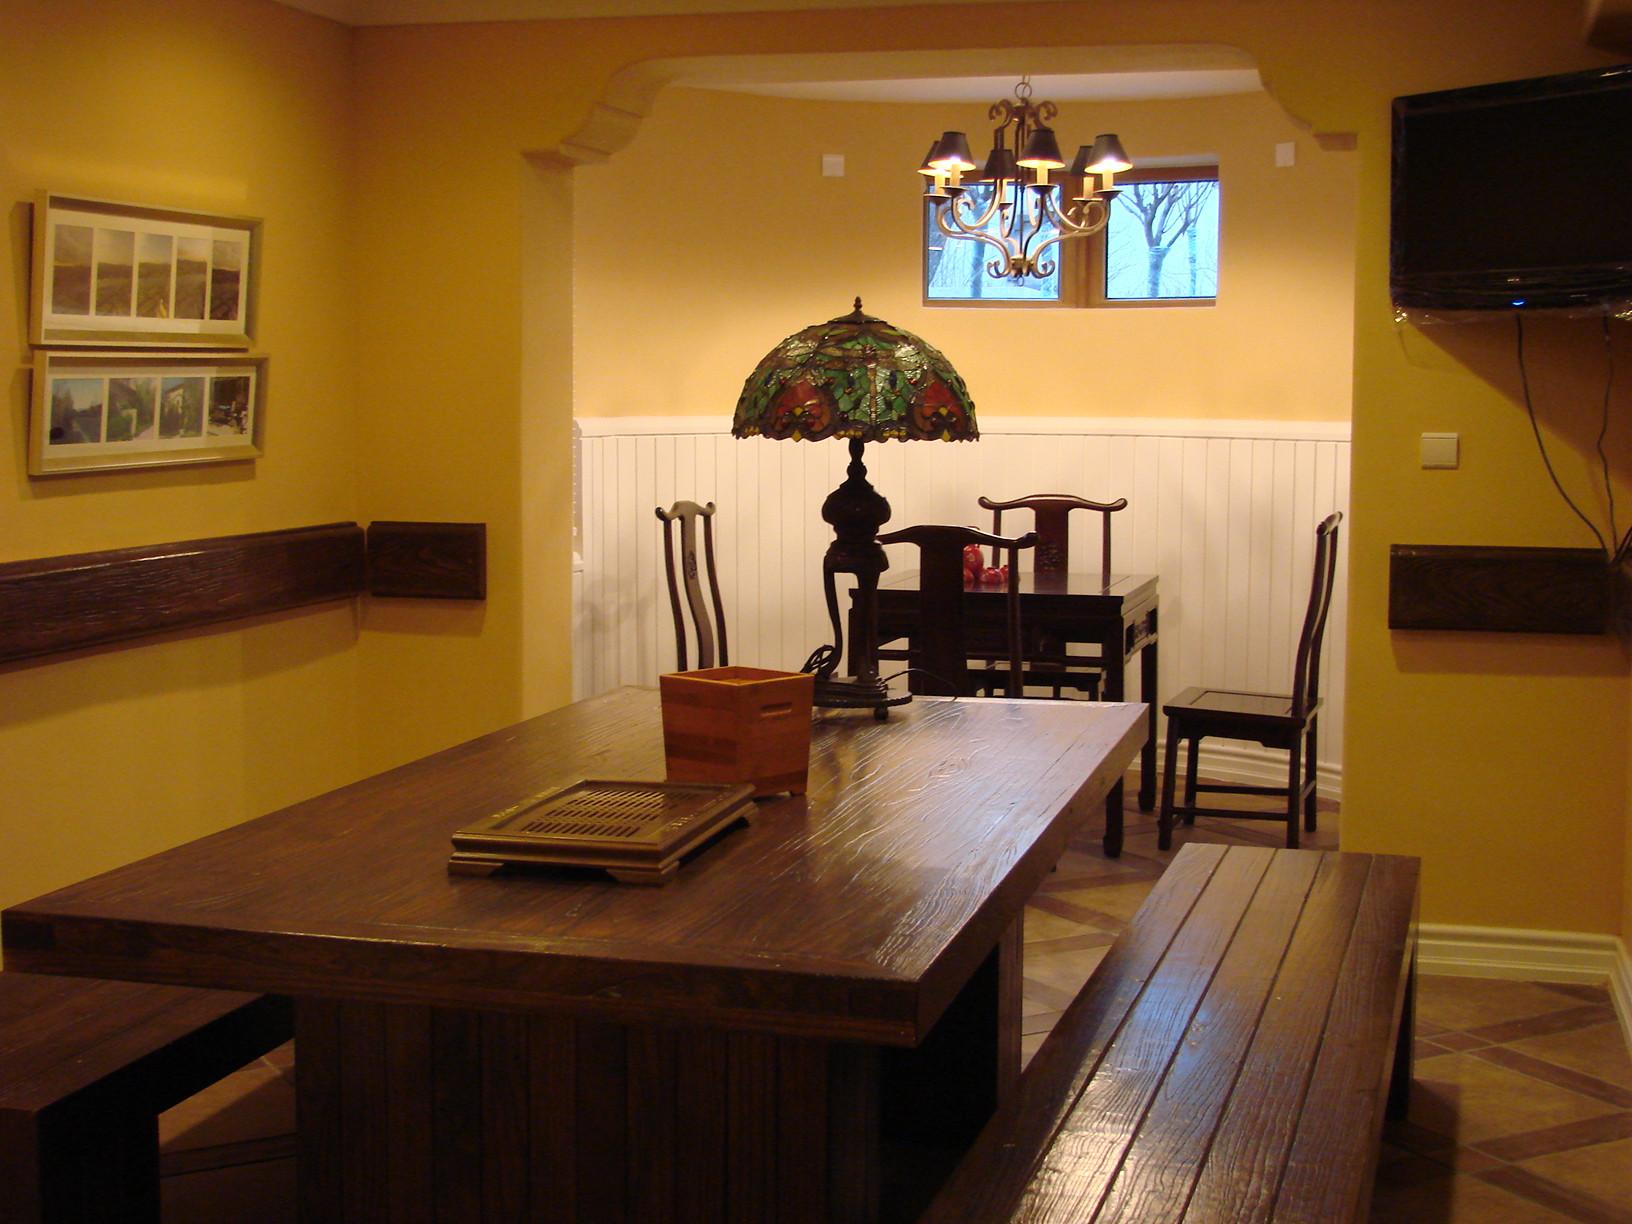 田园风格别墅设计餐厅布置图